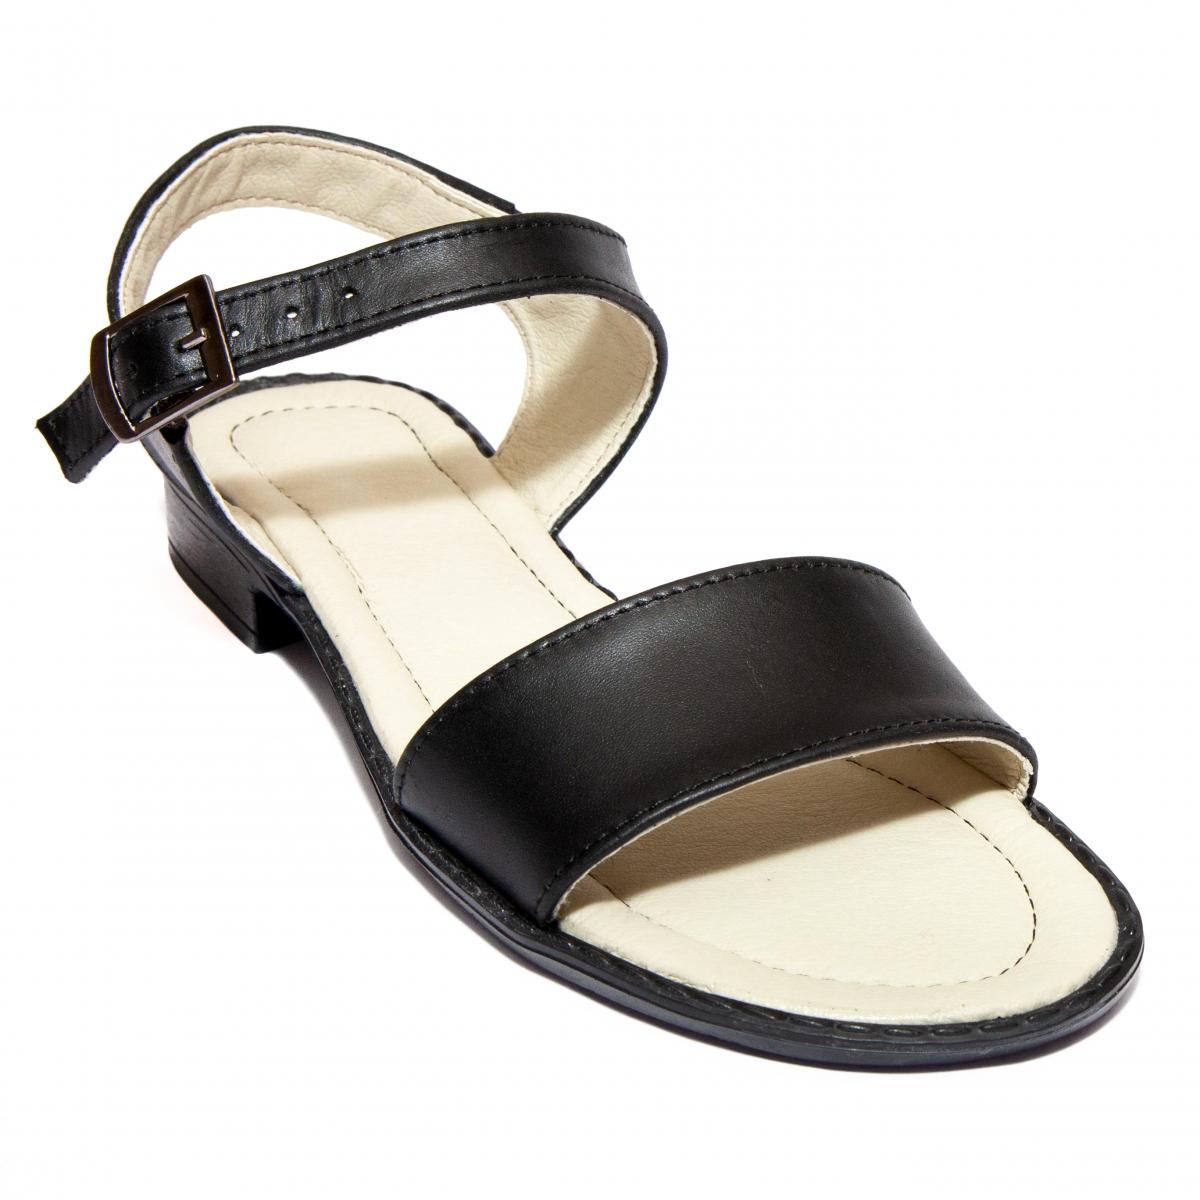 Sandale domnisoare Mina negru 33-40